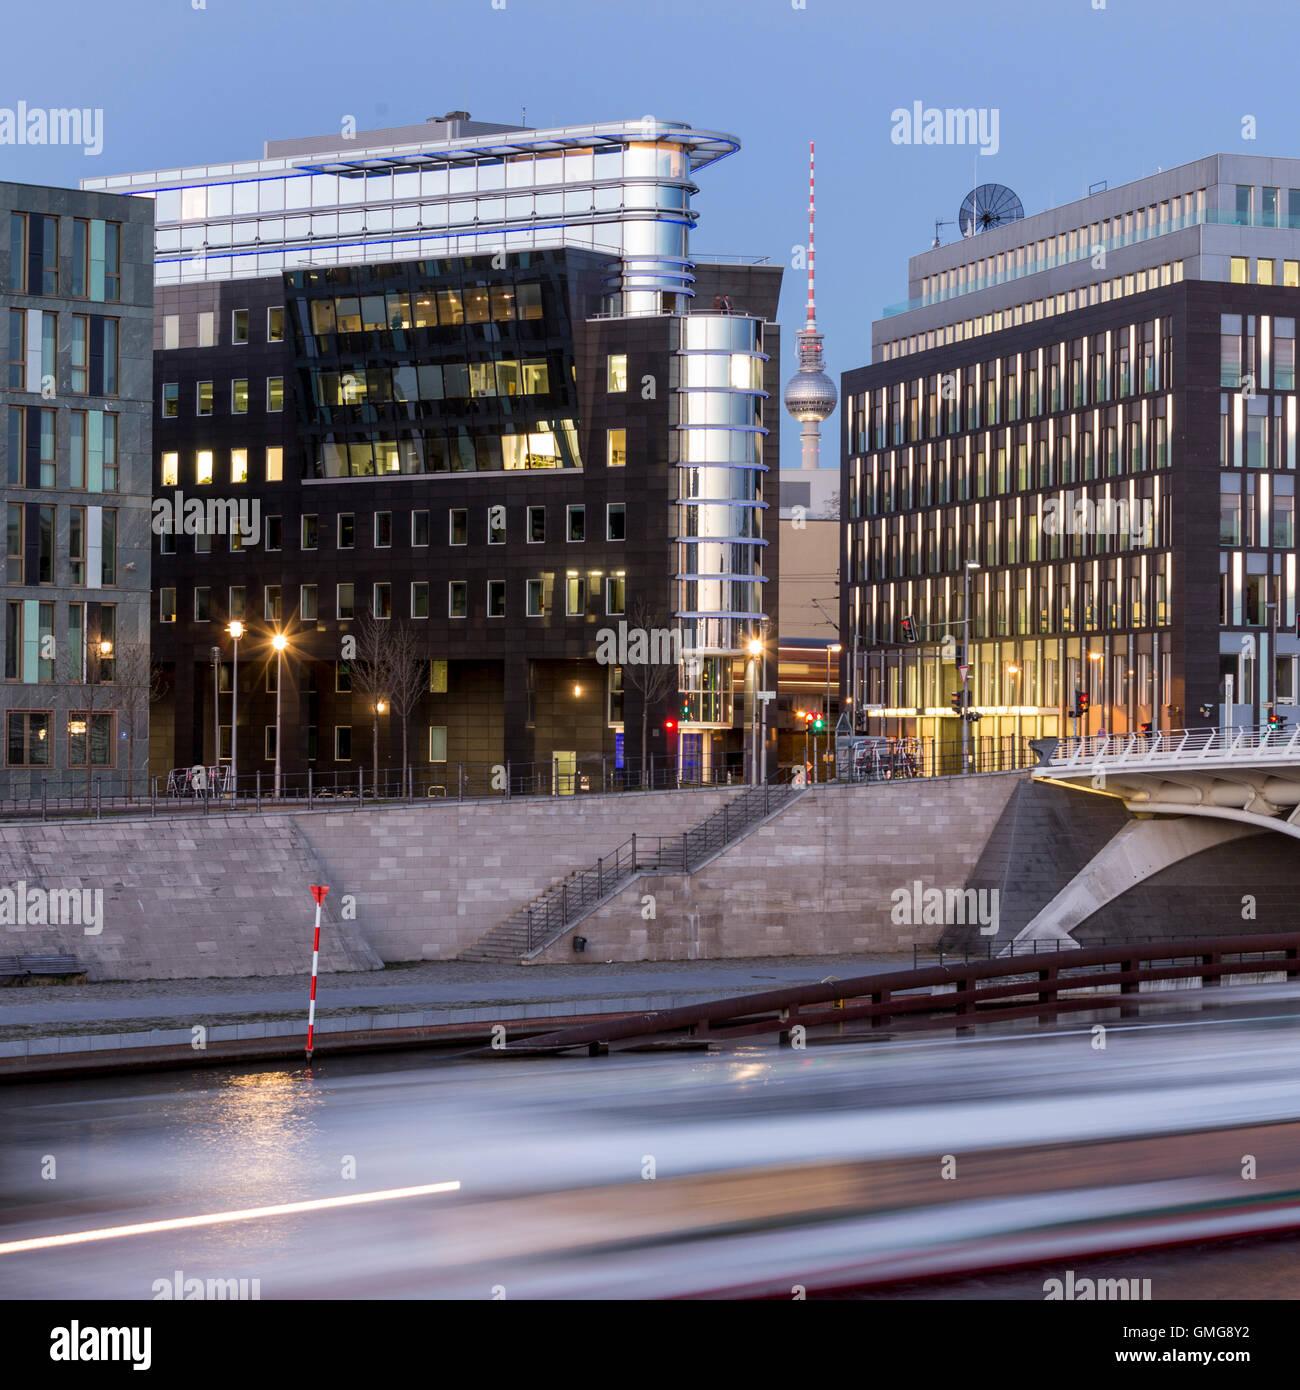 Puente Kronprinzen, arquitectura moderna, el puente de Calatrava, Berlín , Alemania Imagen De Stock